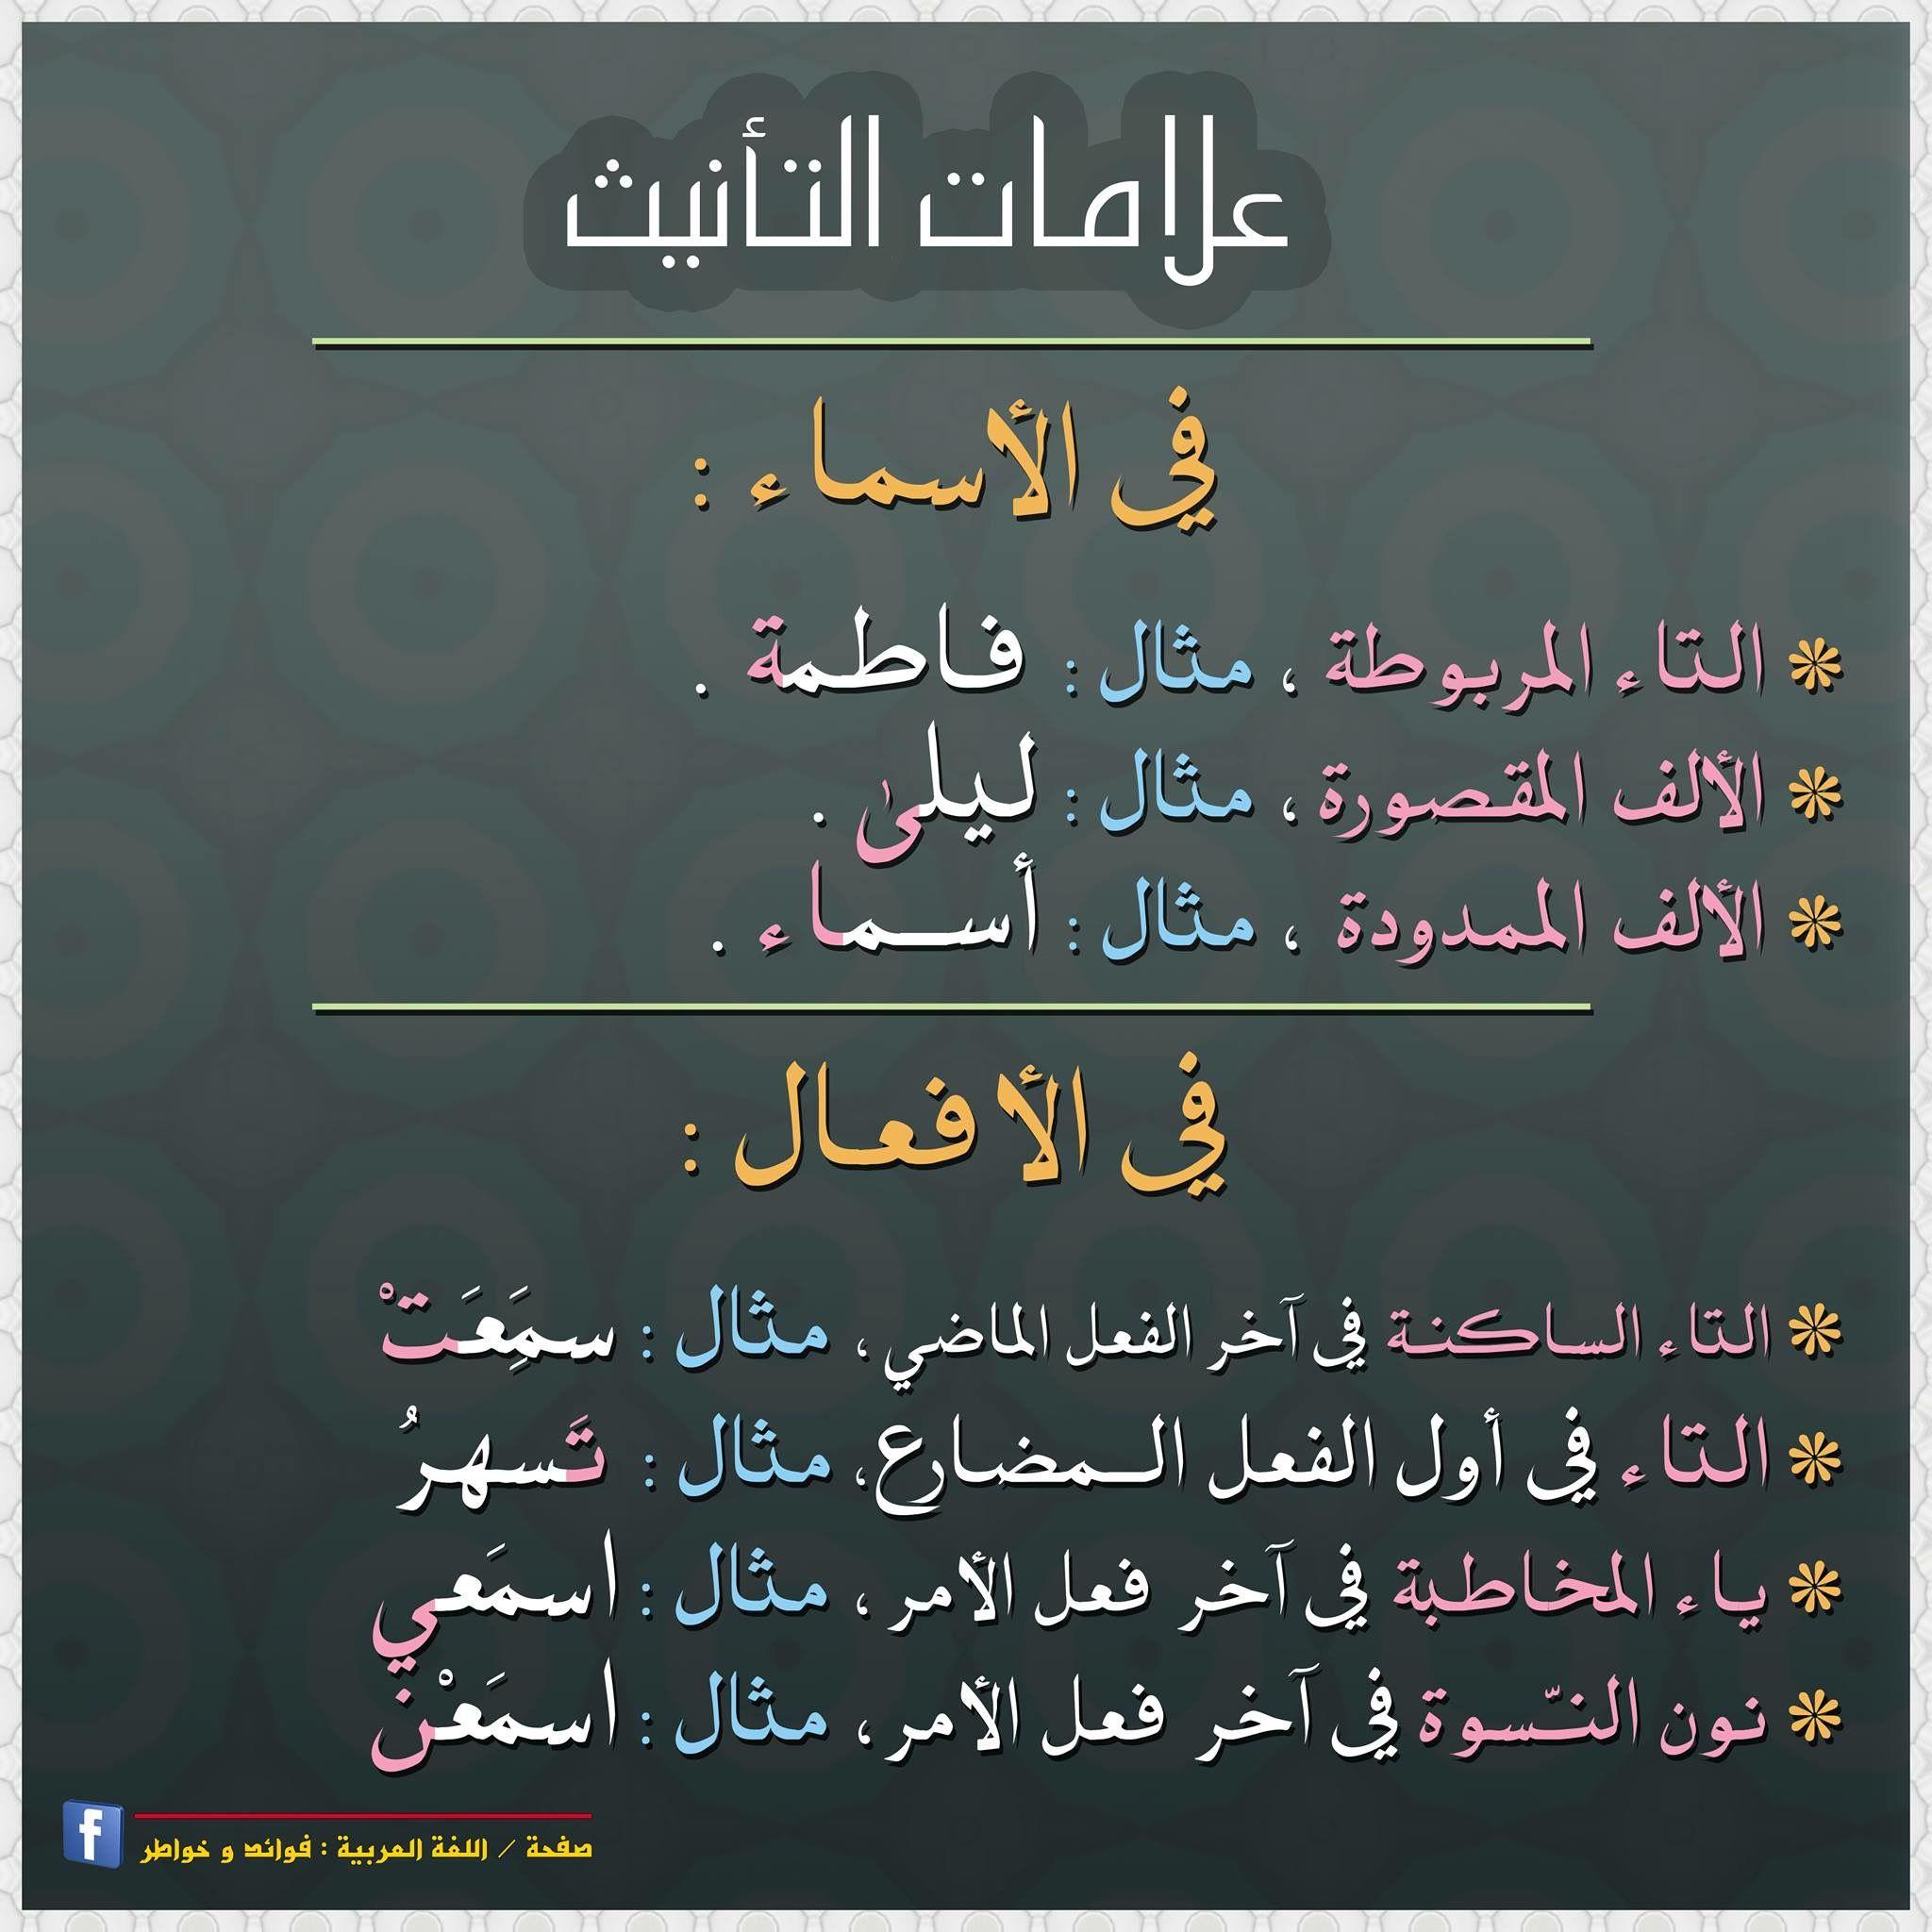 Pin By Nedno On لغتنا العربية Learn Arabic Language Arabic Language Learning Arabic